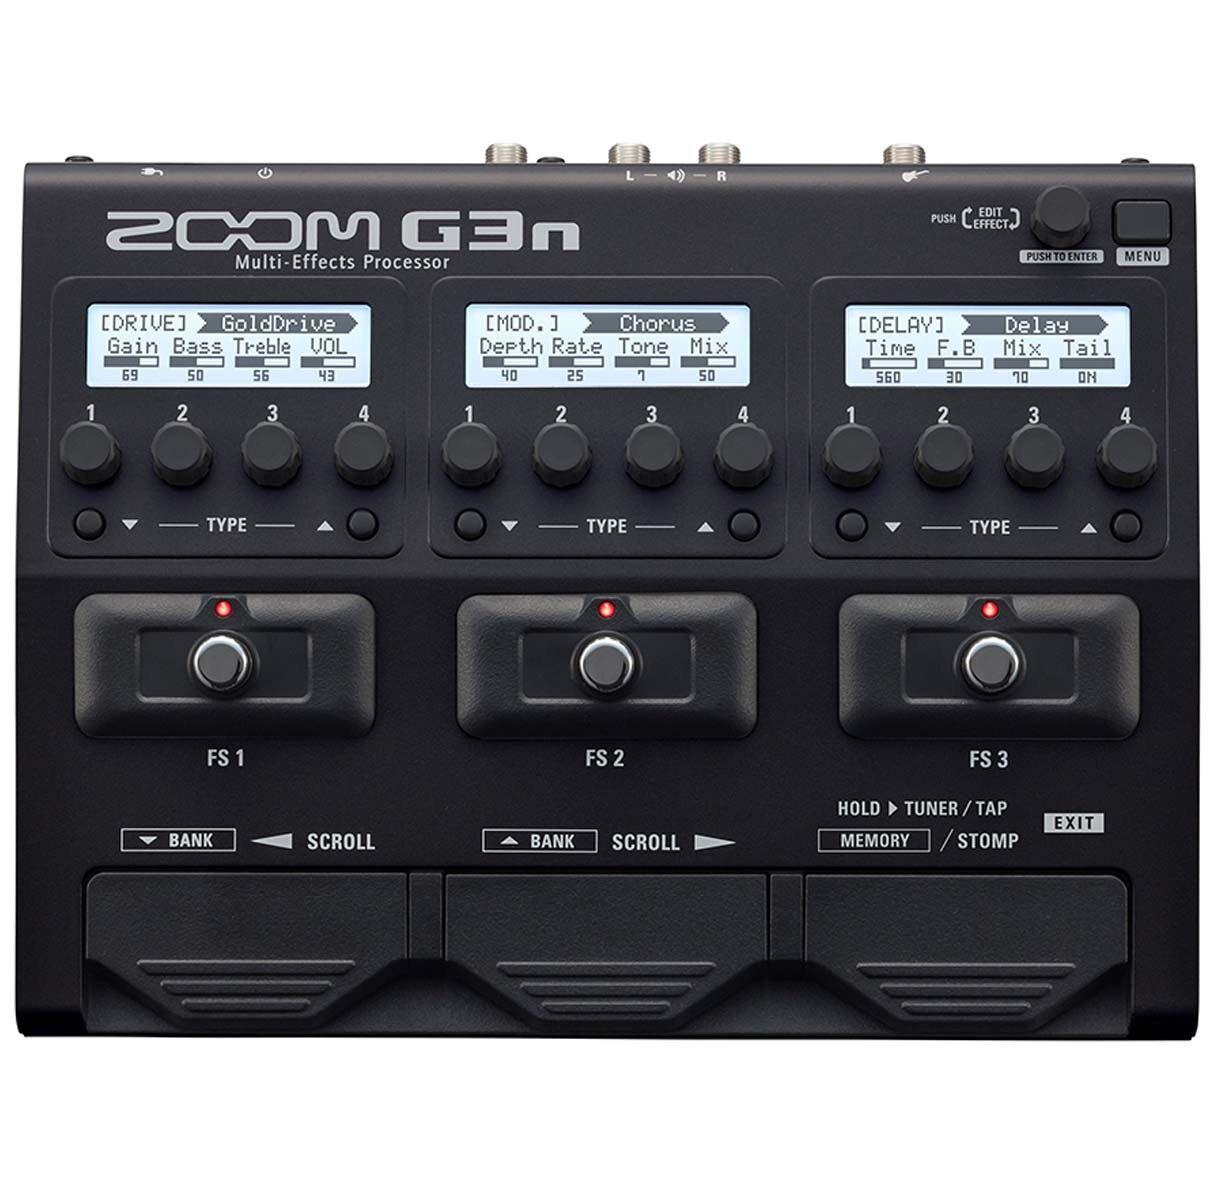 Zoom G3n Multi-Effektgerät mit Drum Computer und Looper